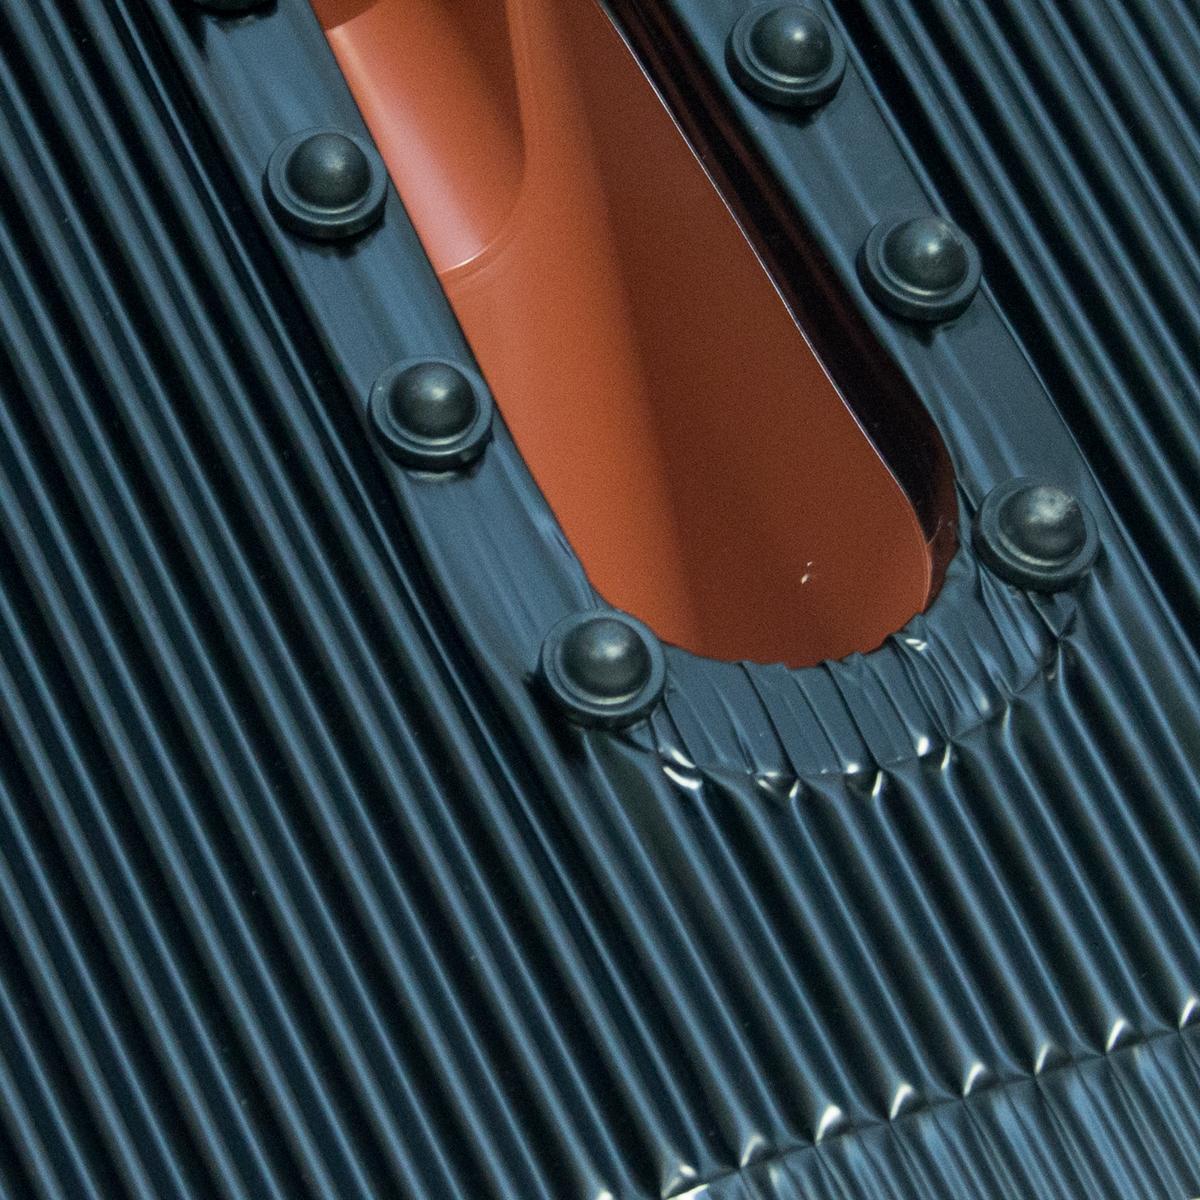 Dachabdeckung mit Kabeleinführung Alu-Dachziegel Rot Dach Montage Abdeckung Ziegel Dachpfanne für Sat Dachsparrenhalter